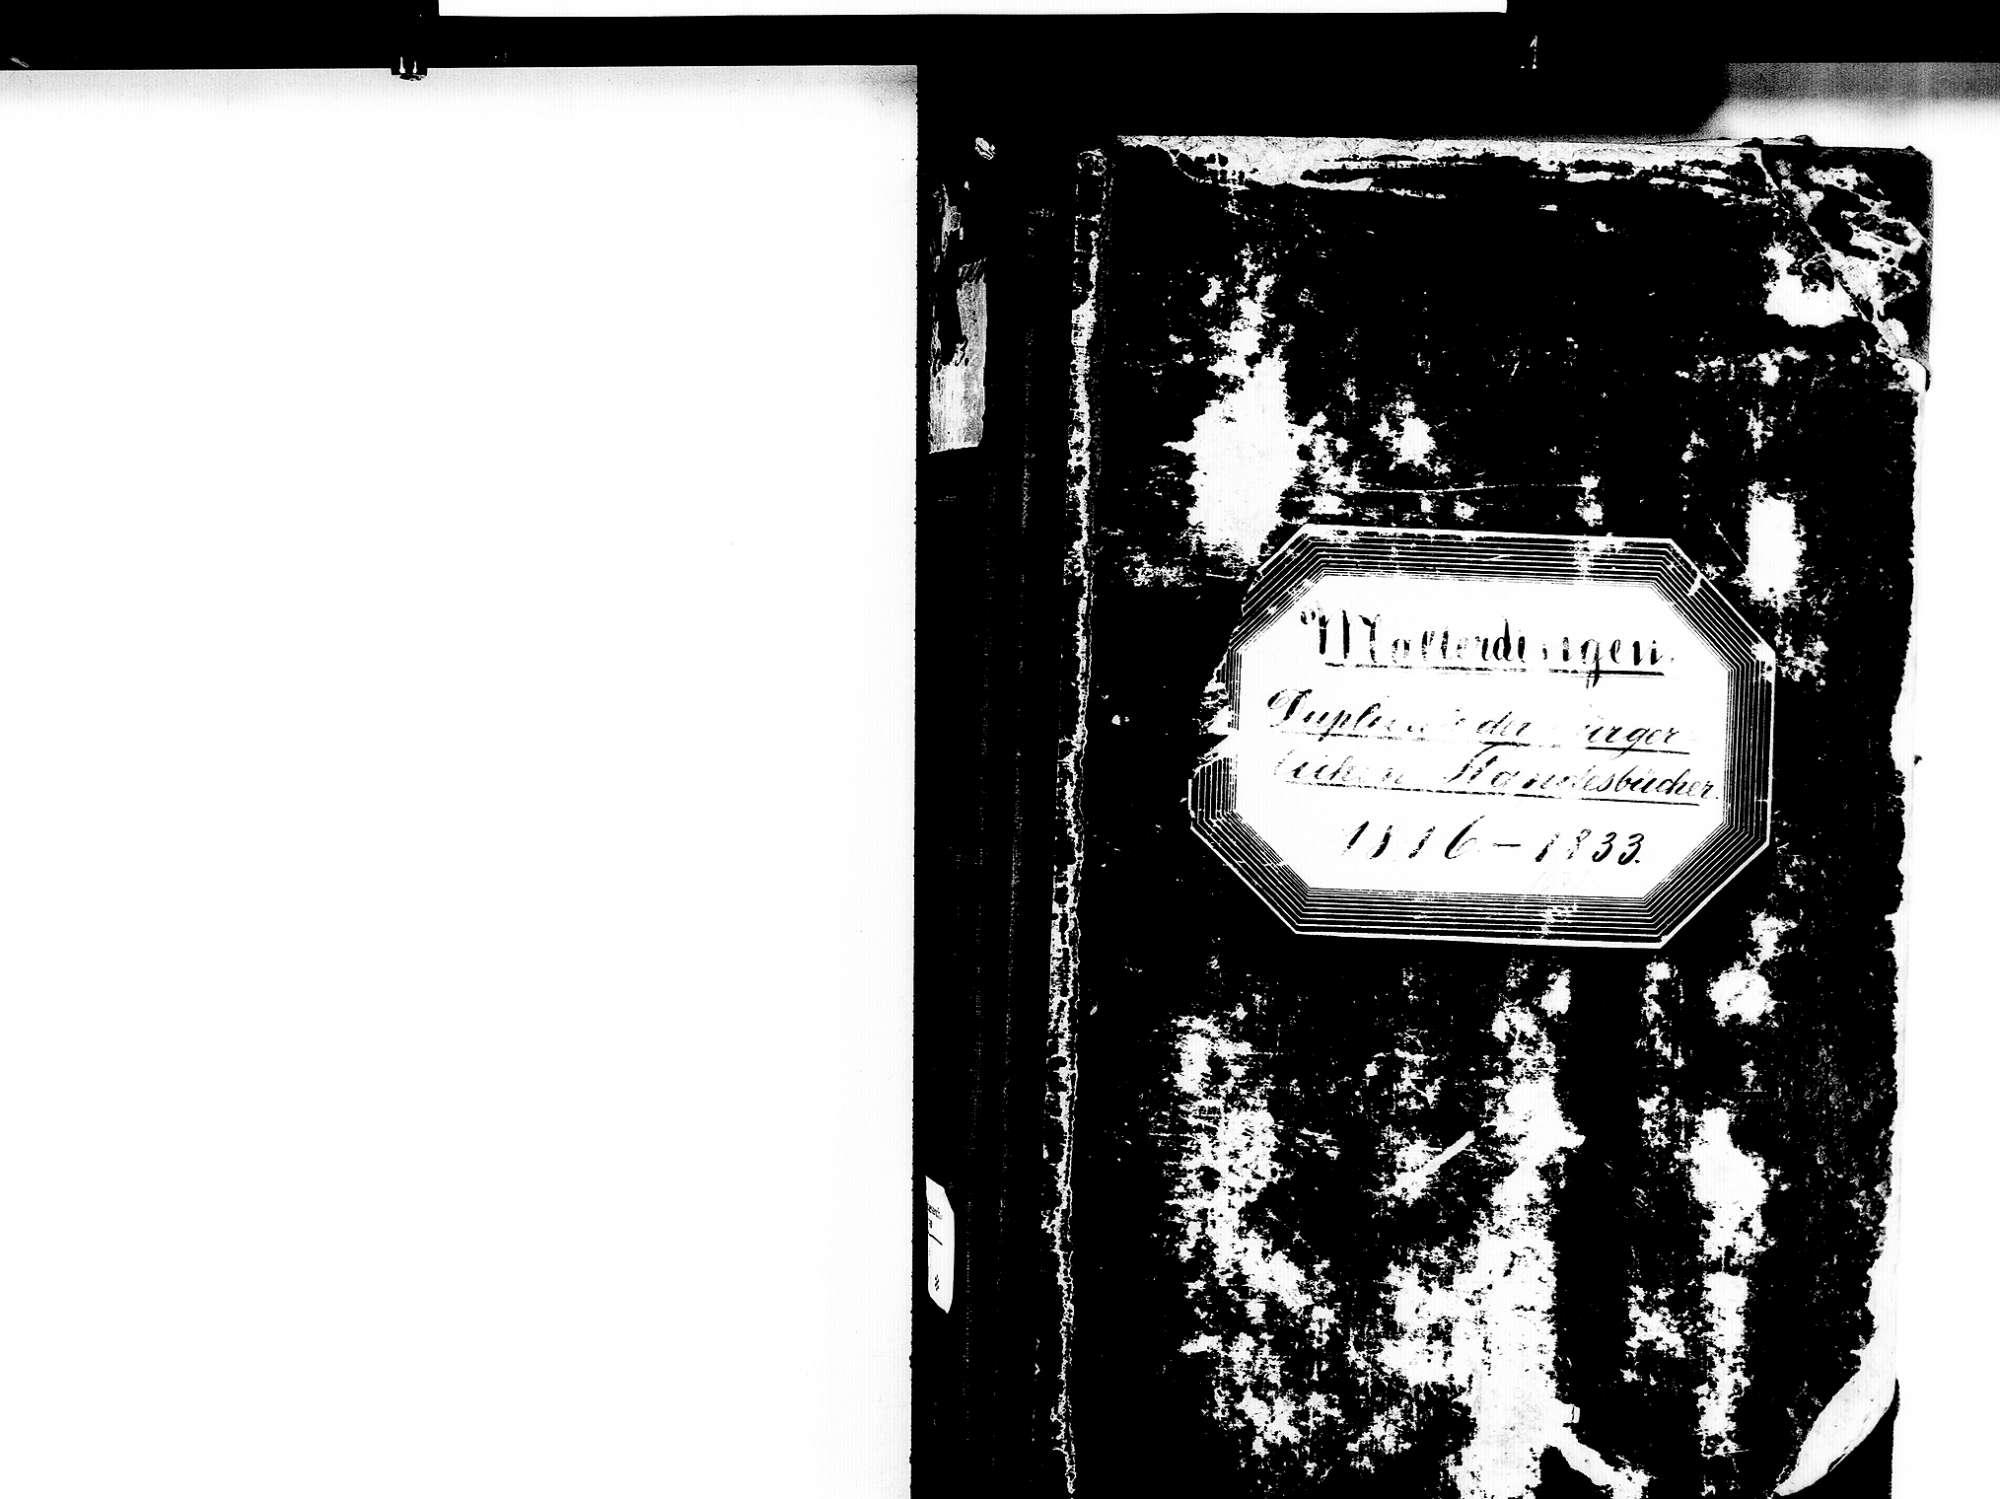 Malterdingen EM; Evangelische Gemeinde: Standesbuch 1816-1833 Enthält: Einzelne Katholische Einträge, Bild 2